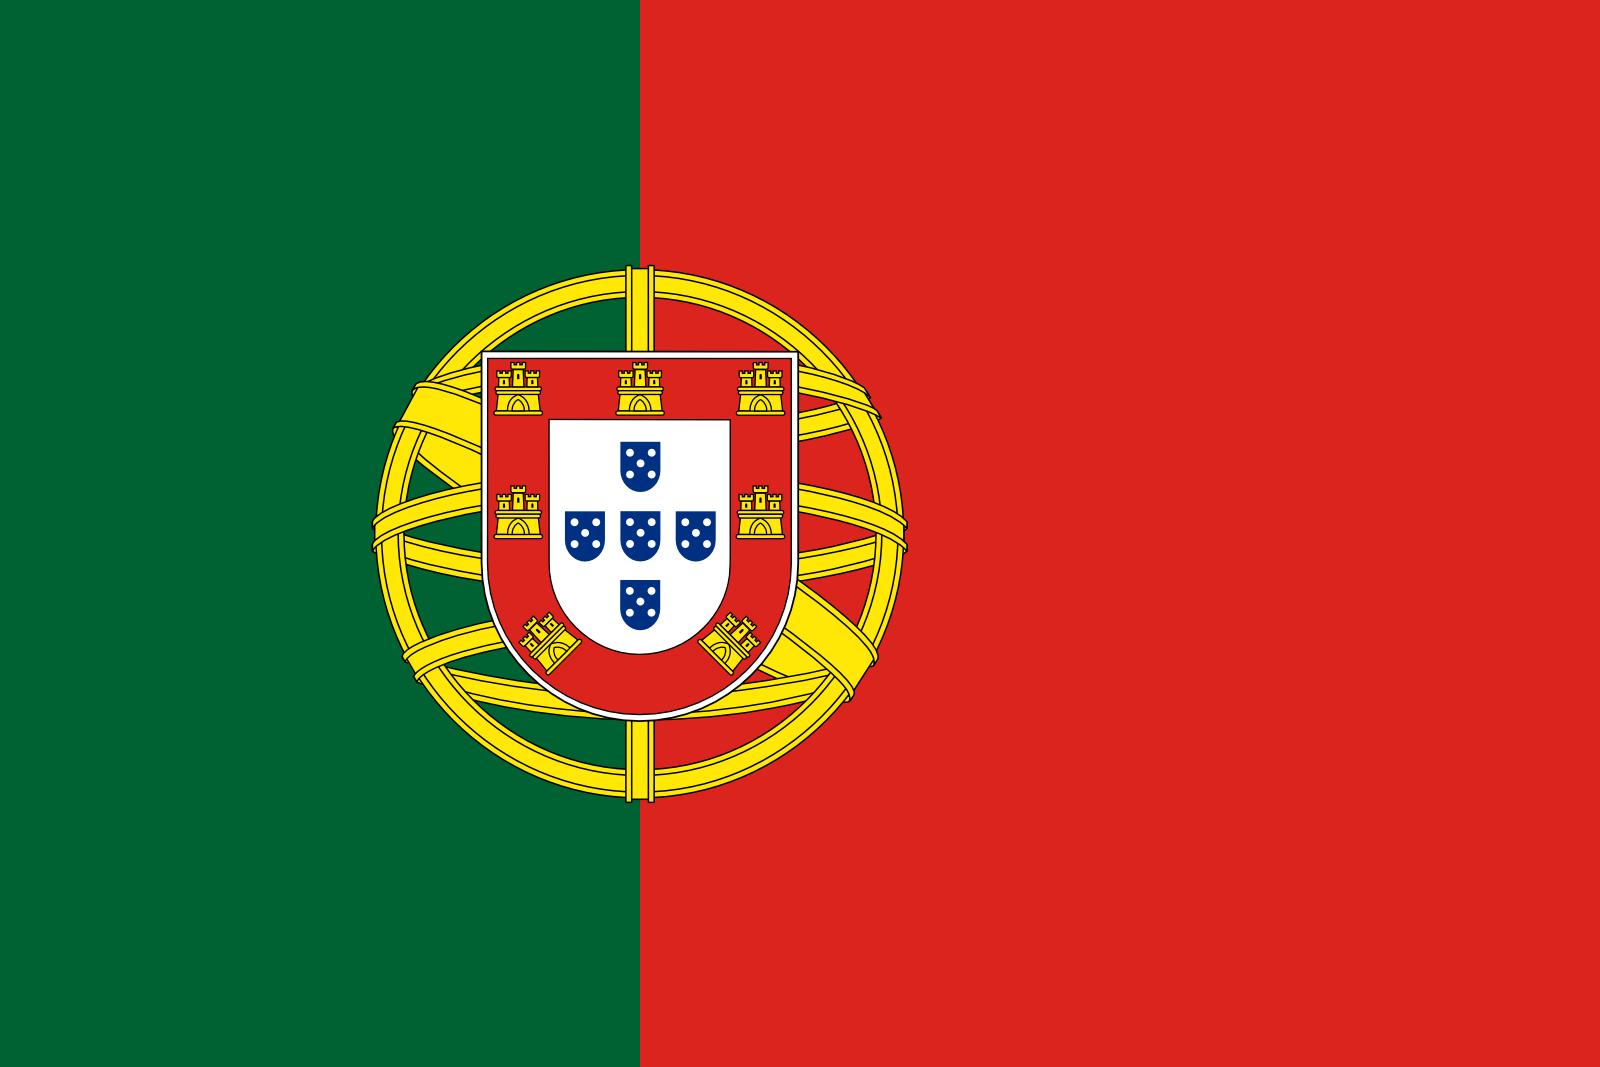 Португалия для туристов: лучшие достопримечательности и города для путешествий